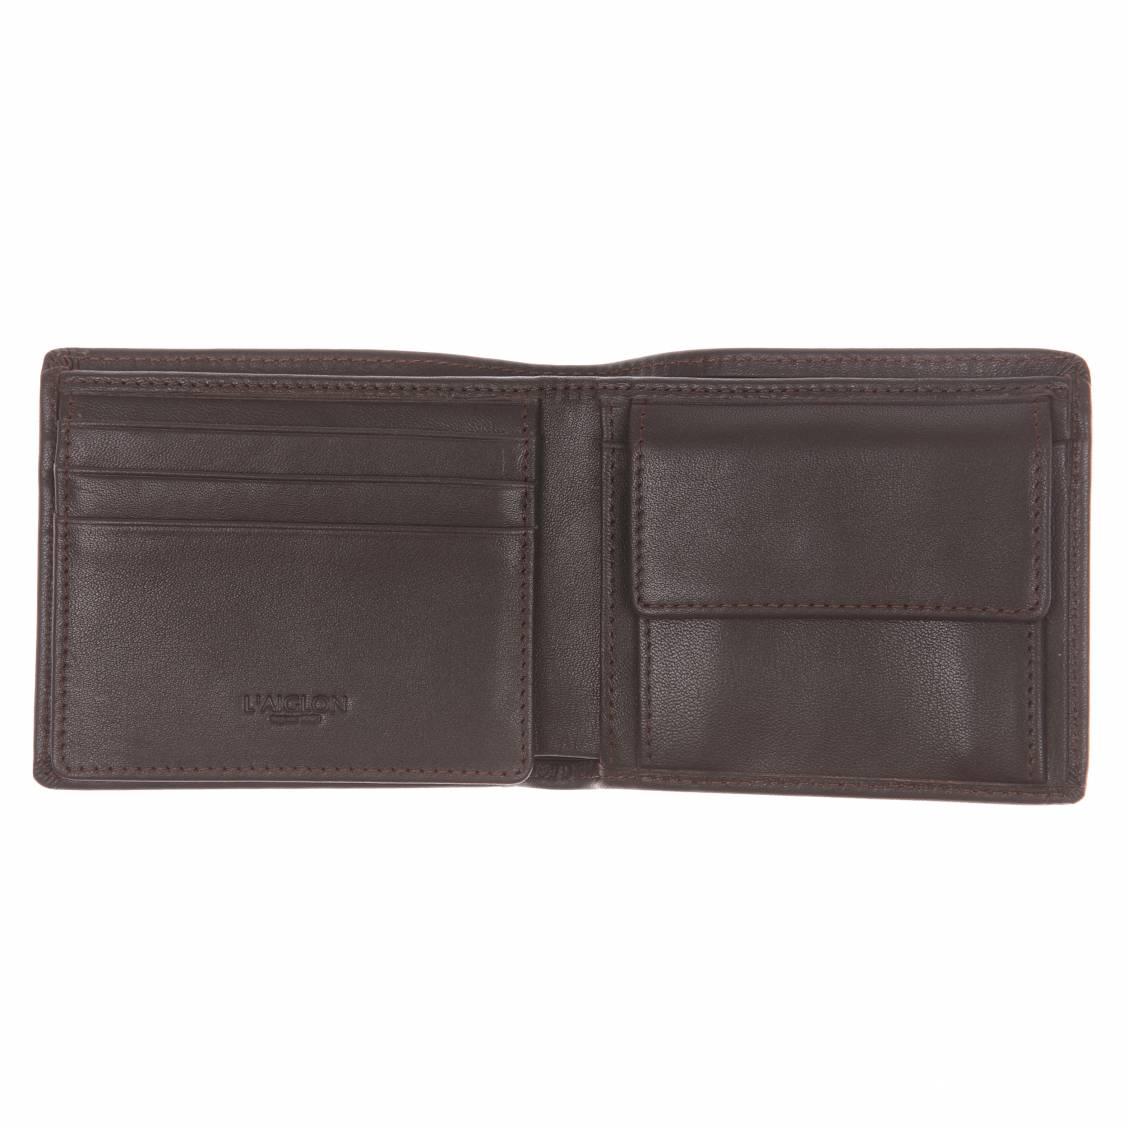 petit portefeuille L'Aiglon en cuir lisse marron